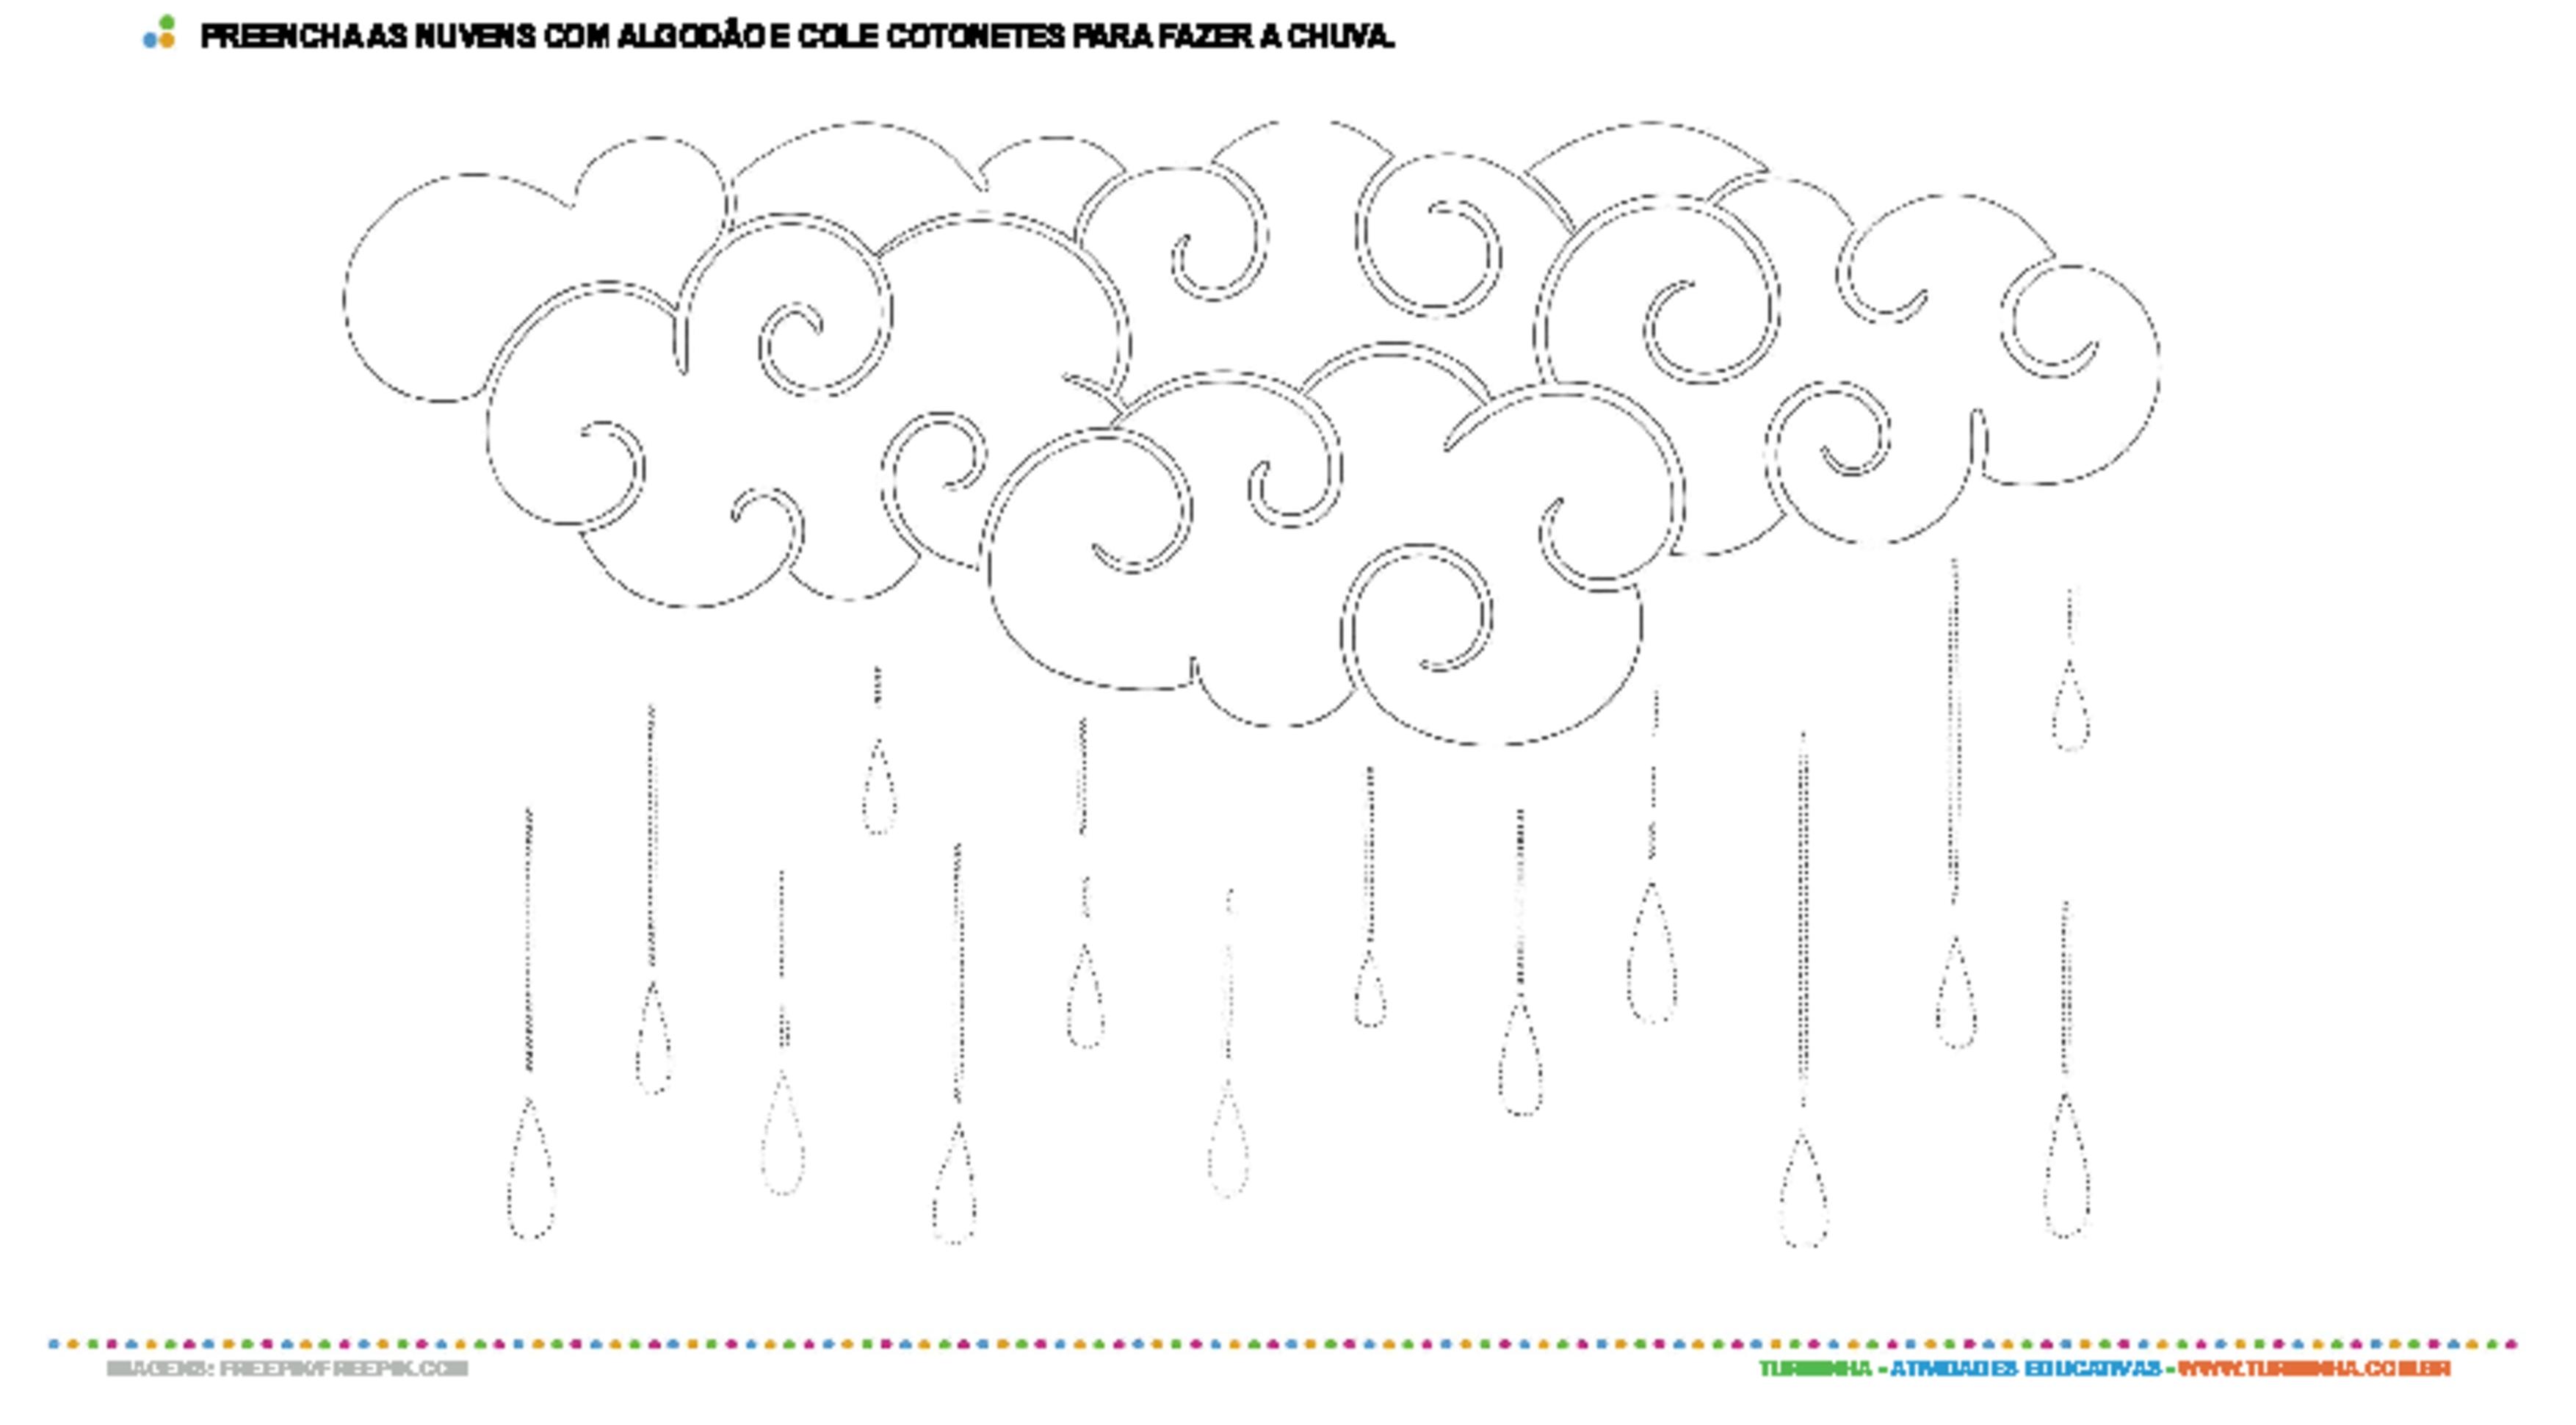 Colagem com algodão e cotonetes - nuvem - atividade educativa para Creche (0 a 3 anos)